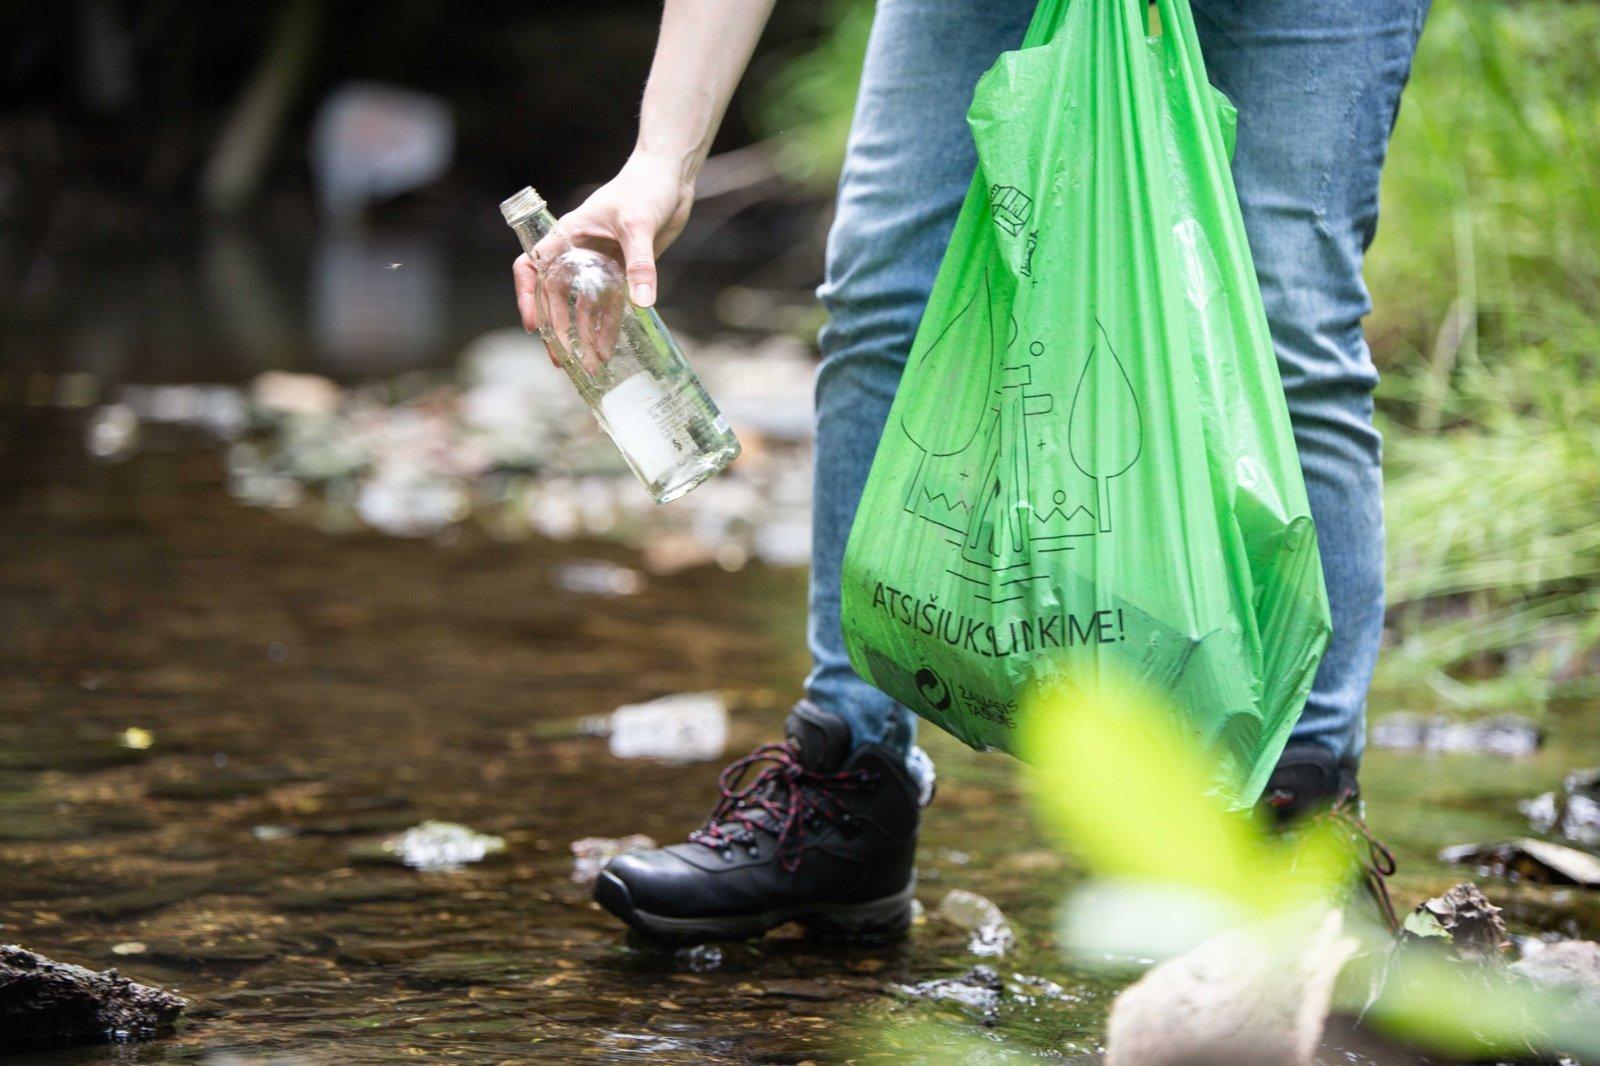 Siūloma griežčiau bausti už atliekų tvarkymo taisyklių pažeidimus